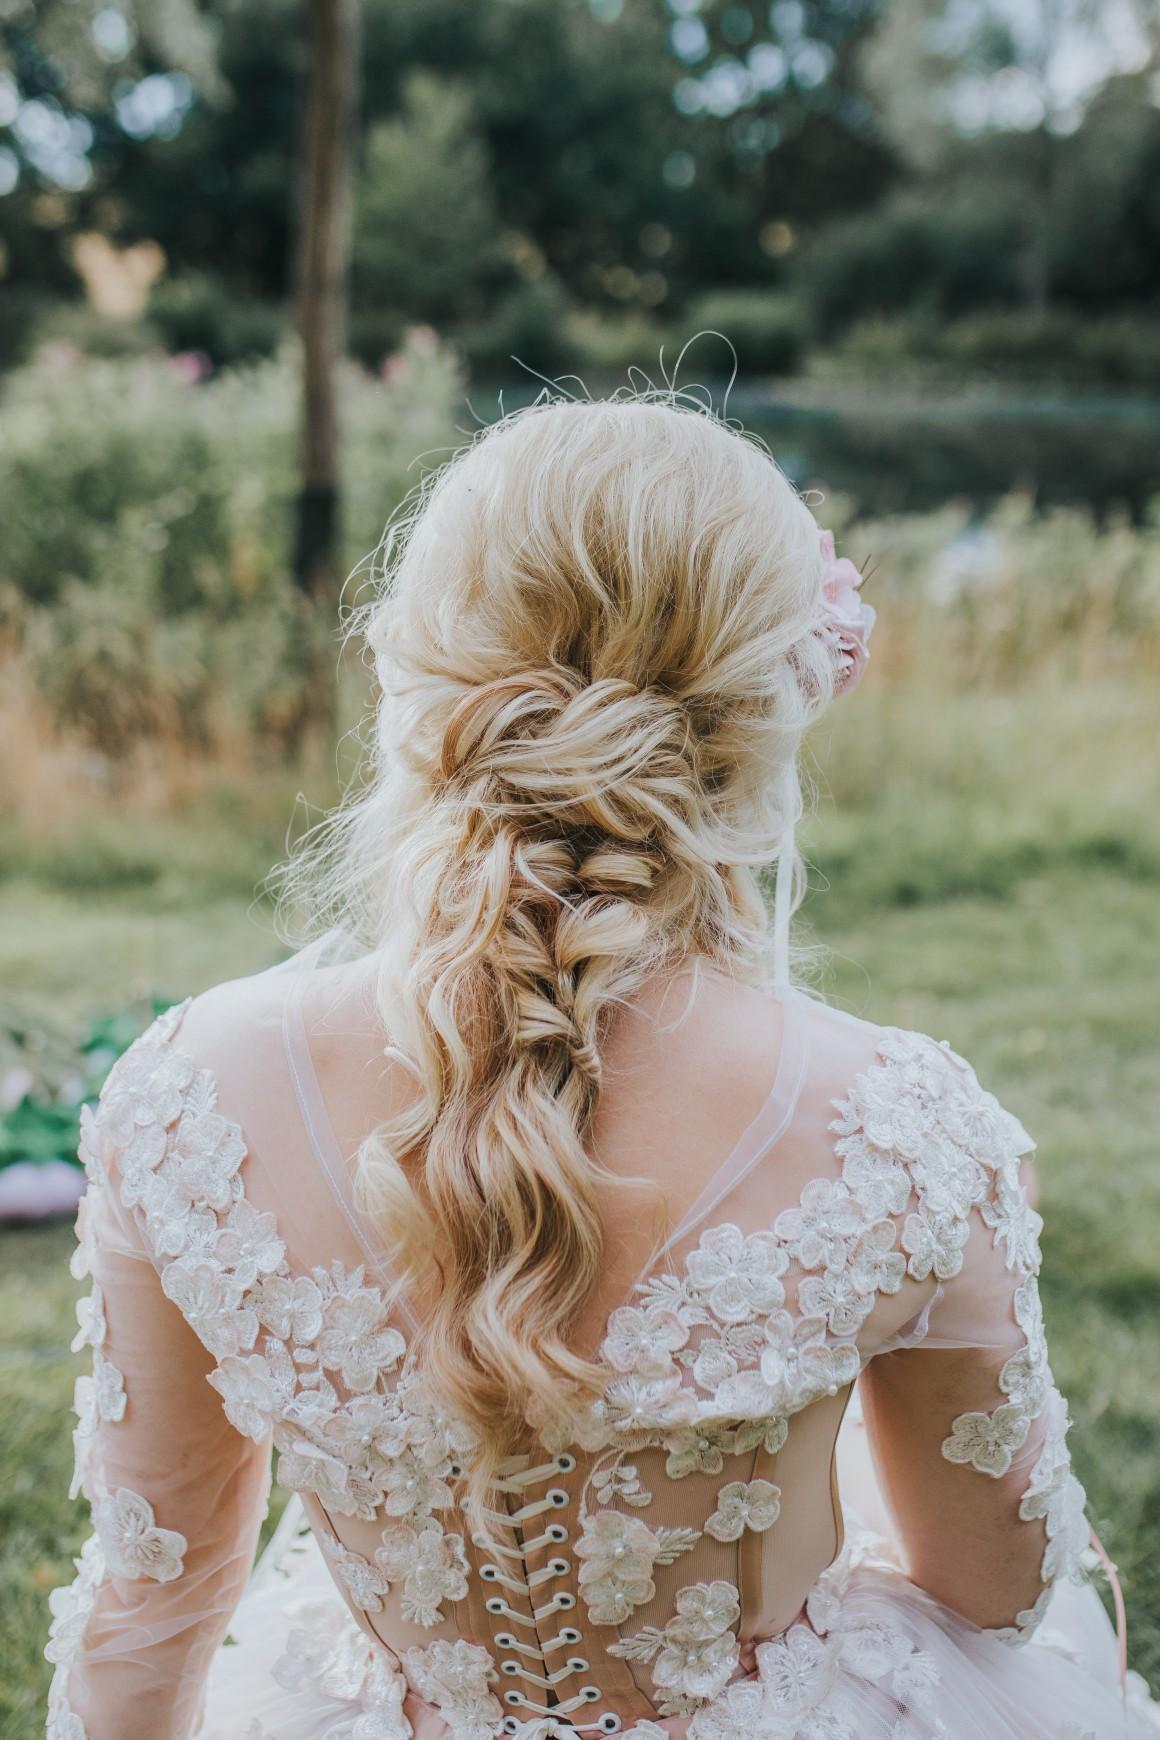 fairy wedding - whimsical wedding - magical wedding - elegant wedding dress - elegant bridal hair